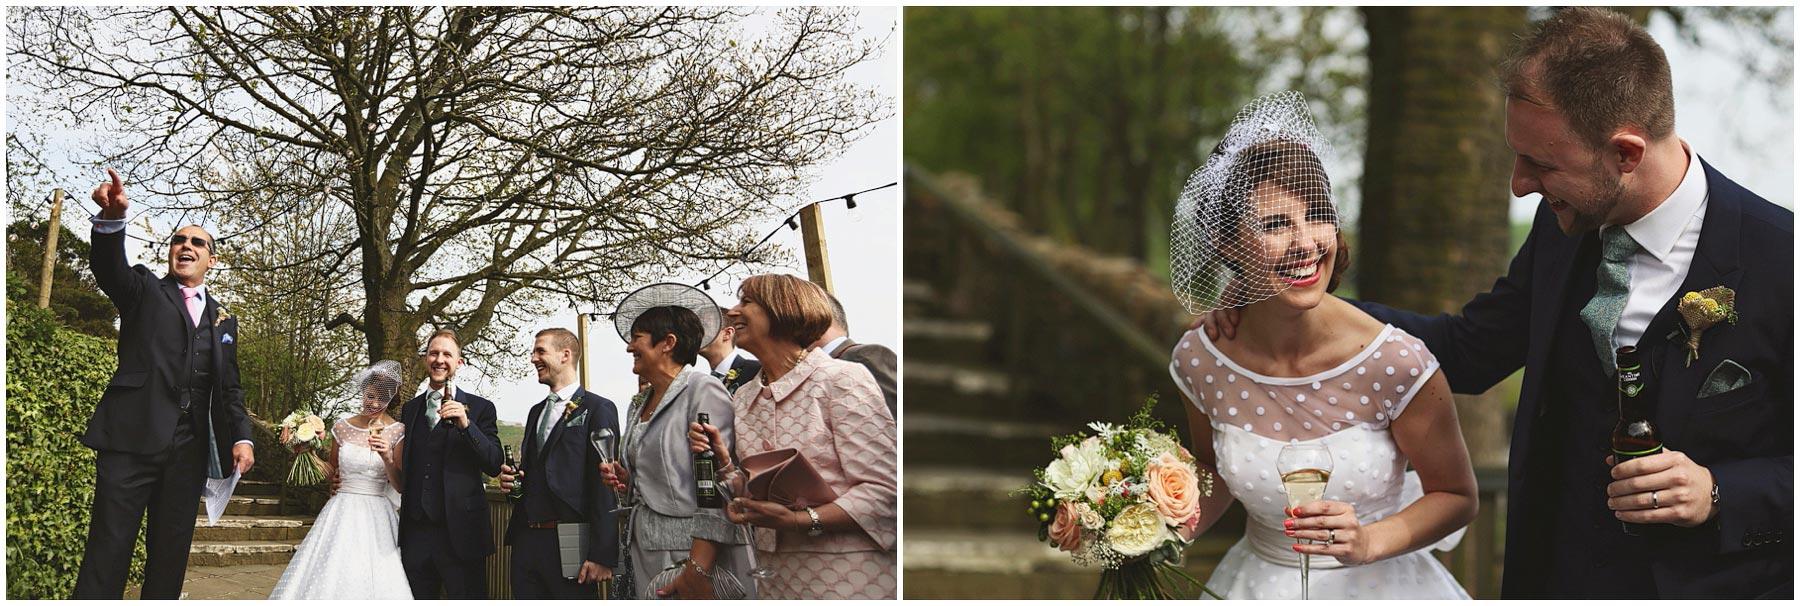 the-spiced-pear-wedding-photographer_0078